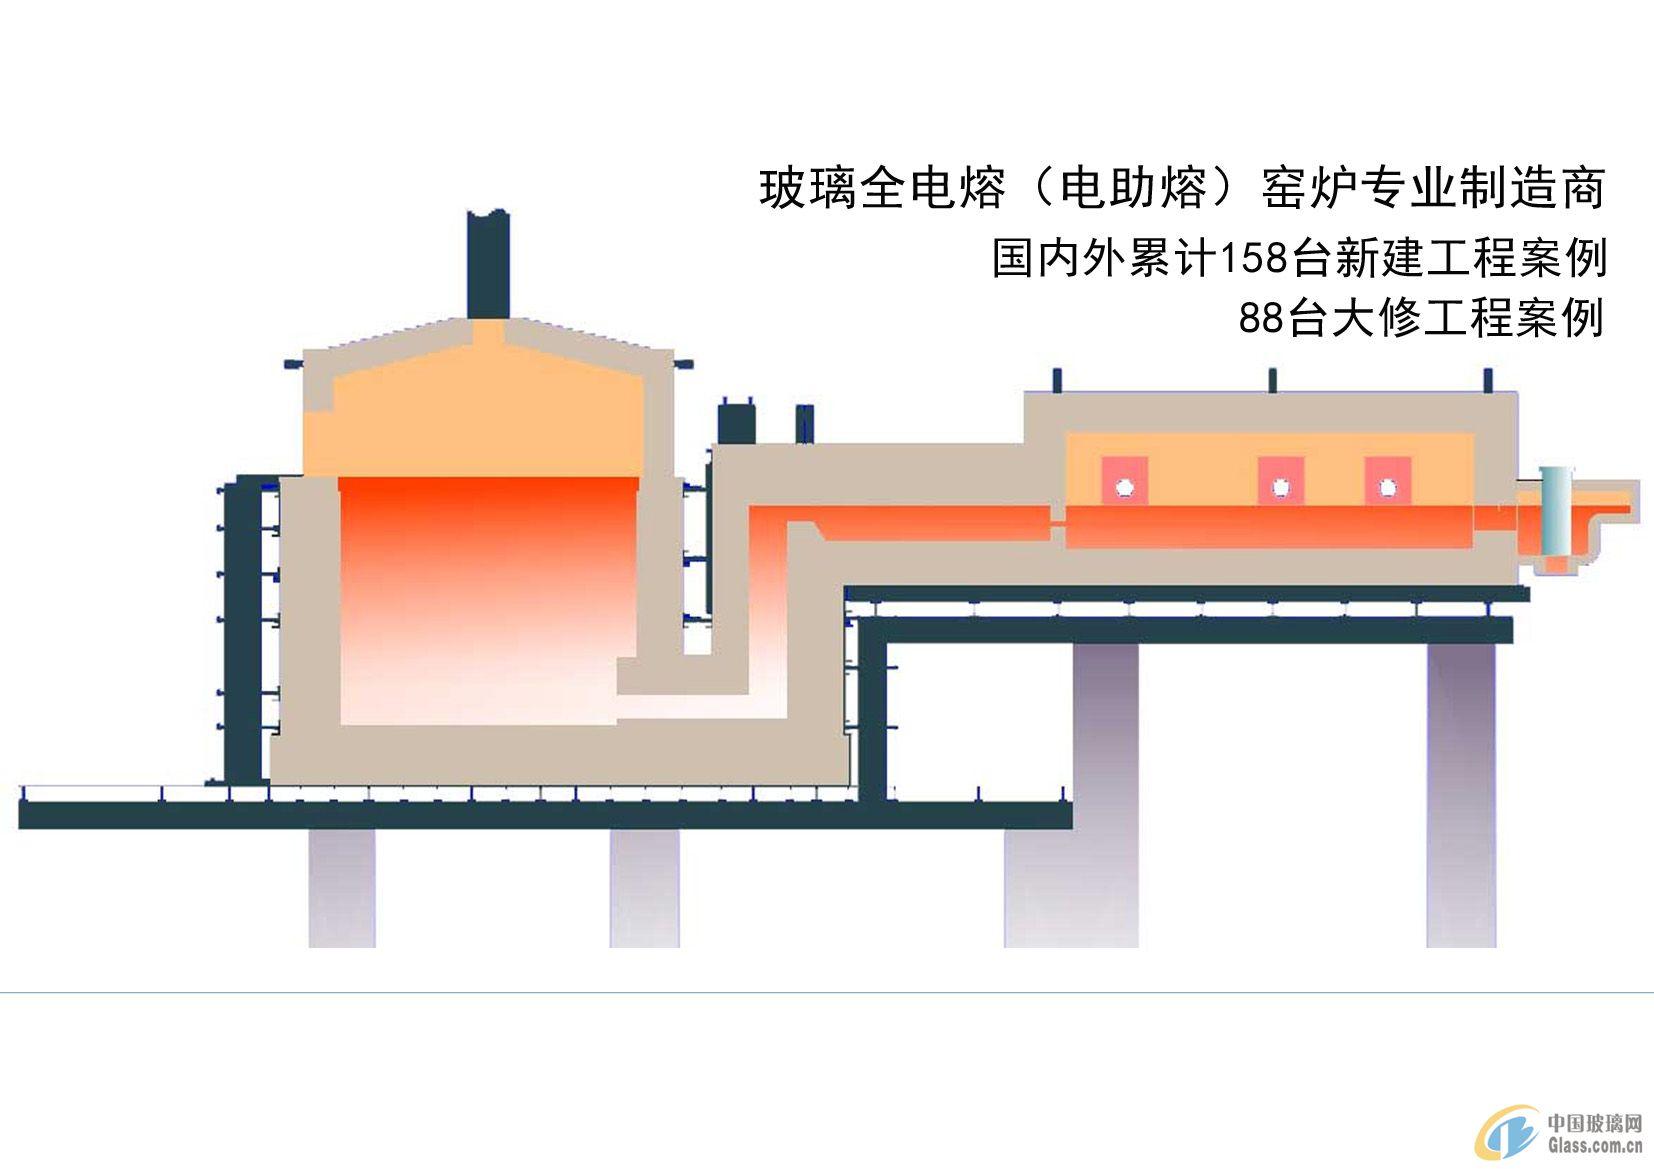 【供应系列玻璃电熔炉(玻璃窑炉)】报价